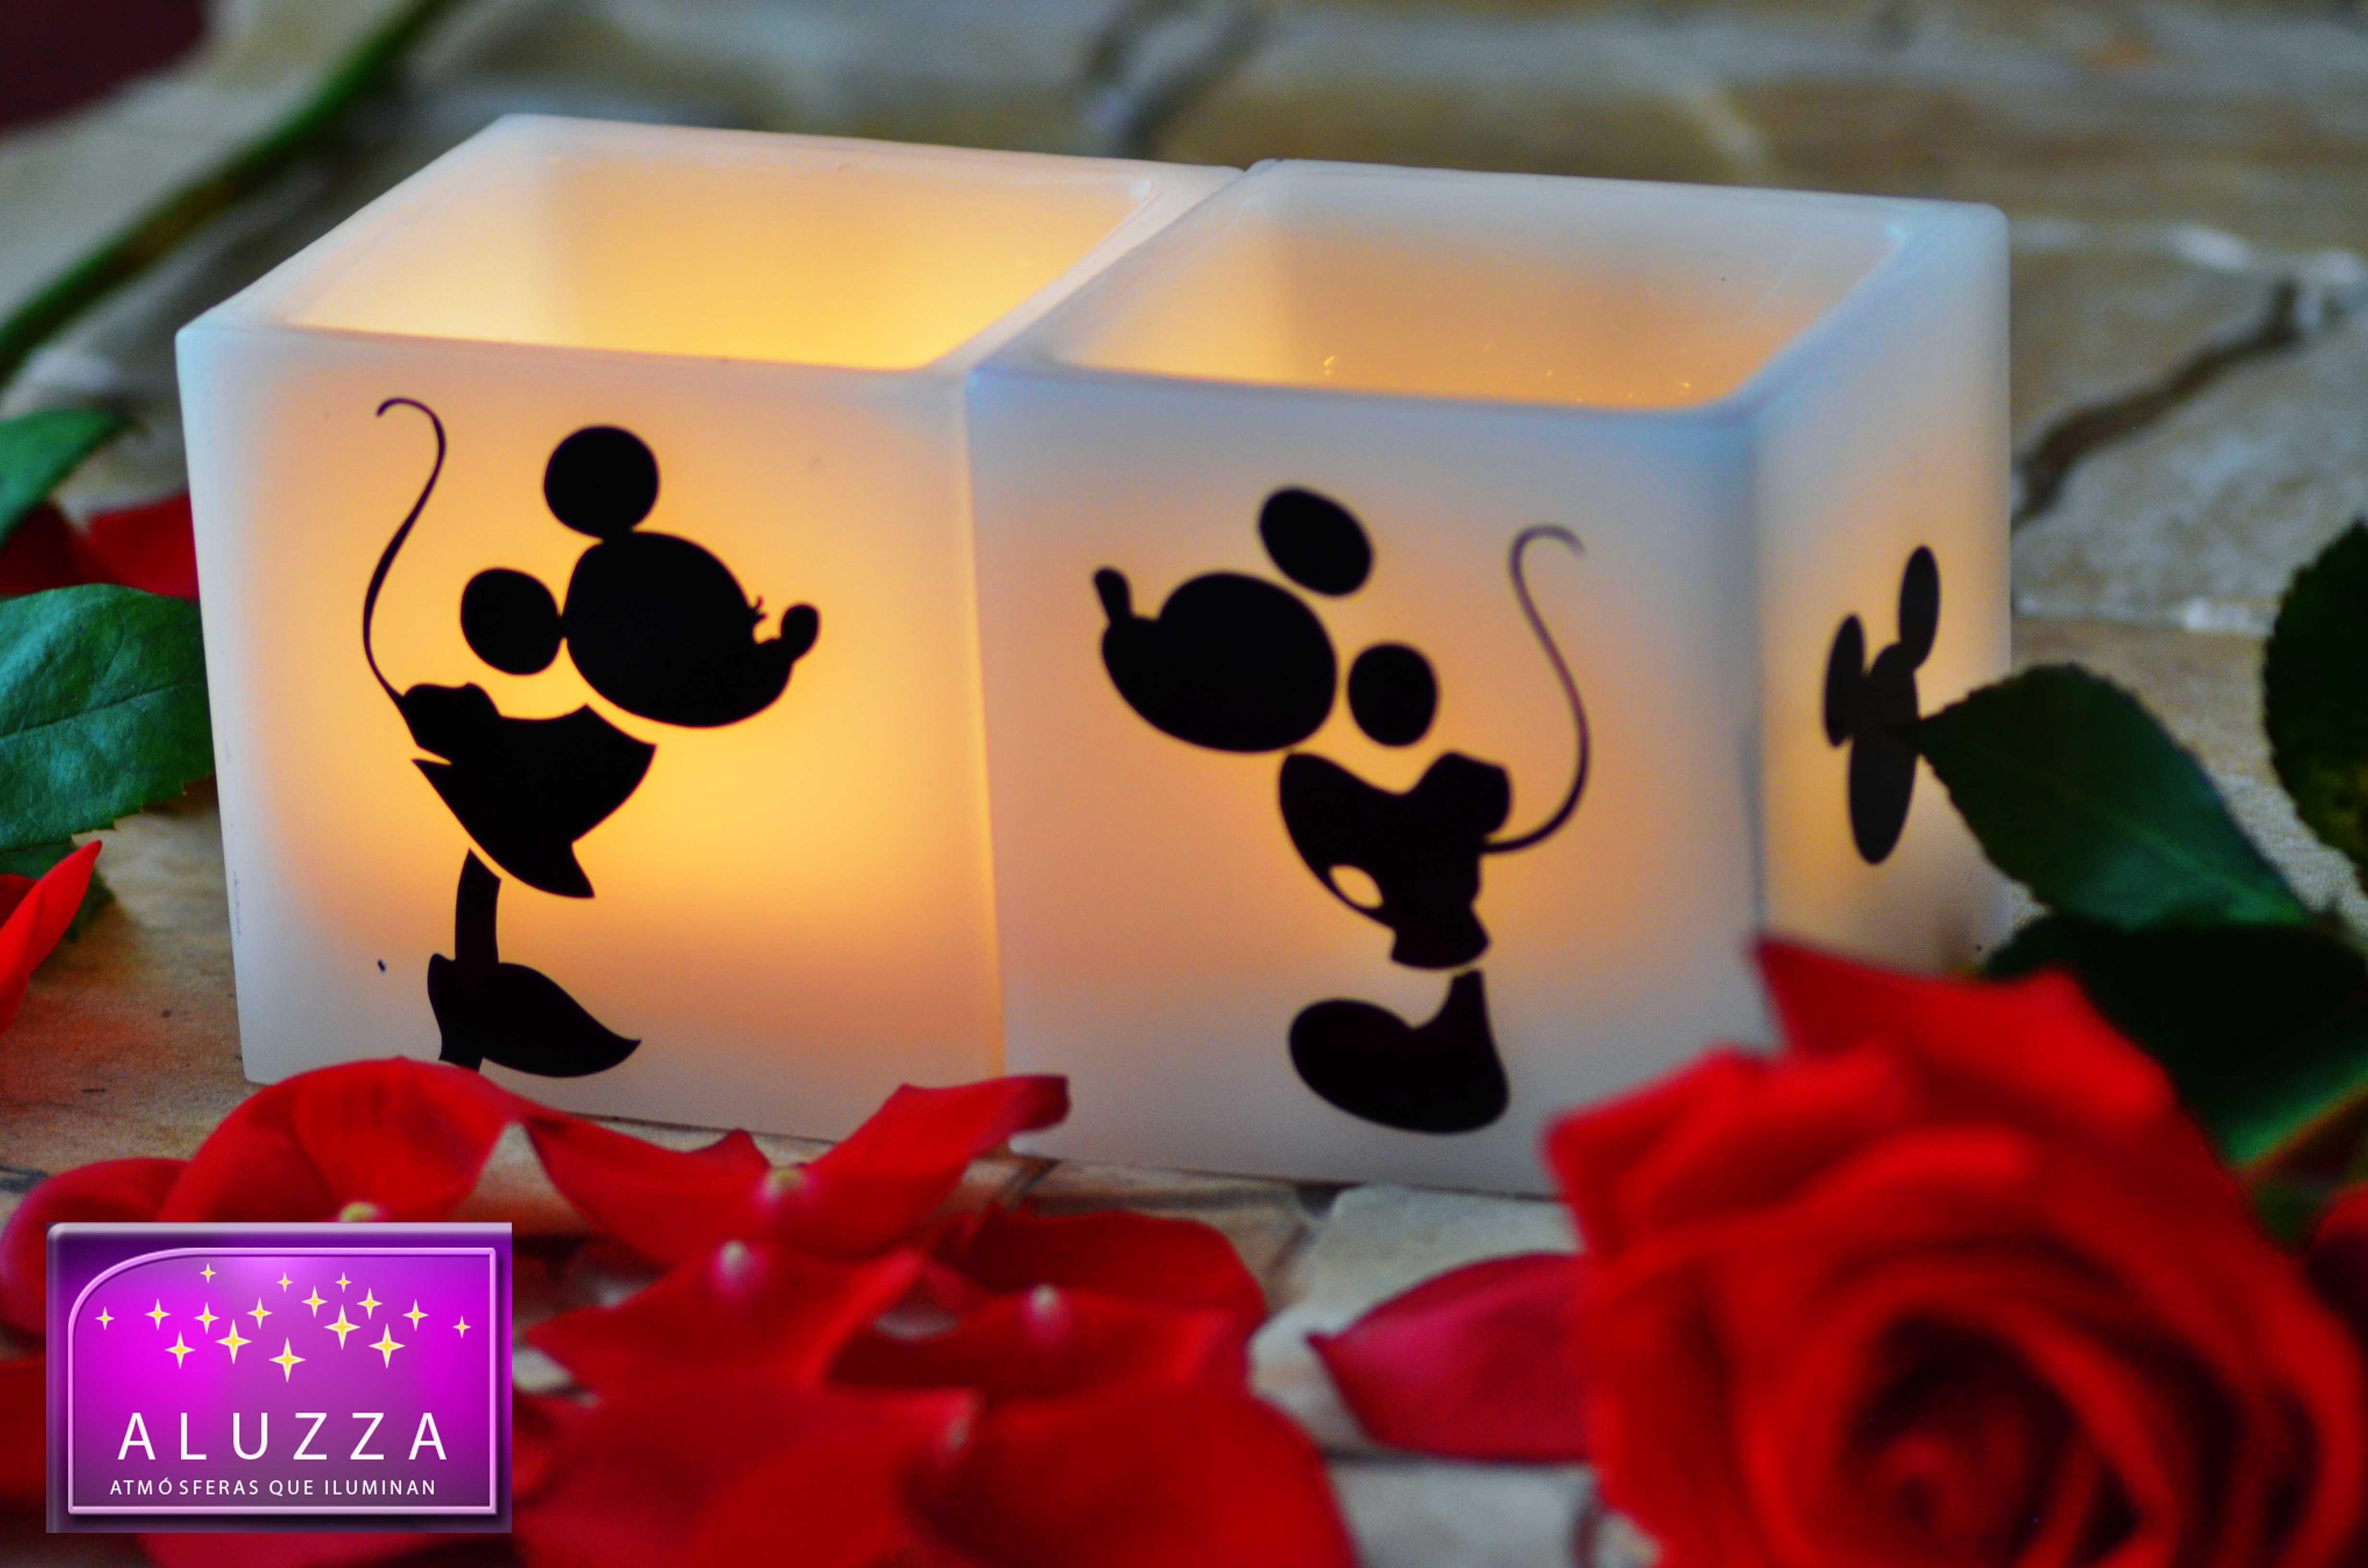 Detalle para Cumpleaños, XV años o Boda temáticos de Mickey Mouse y Minnie Mouse ALUZZA.